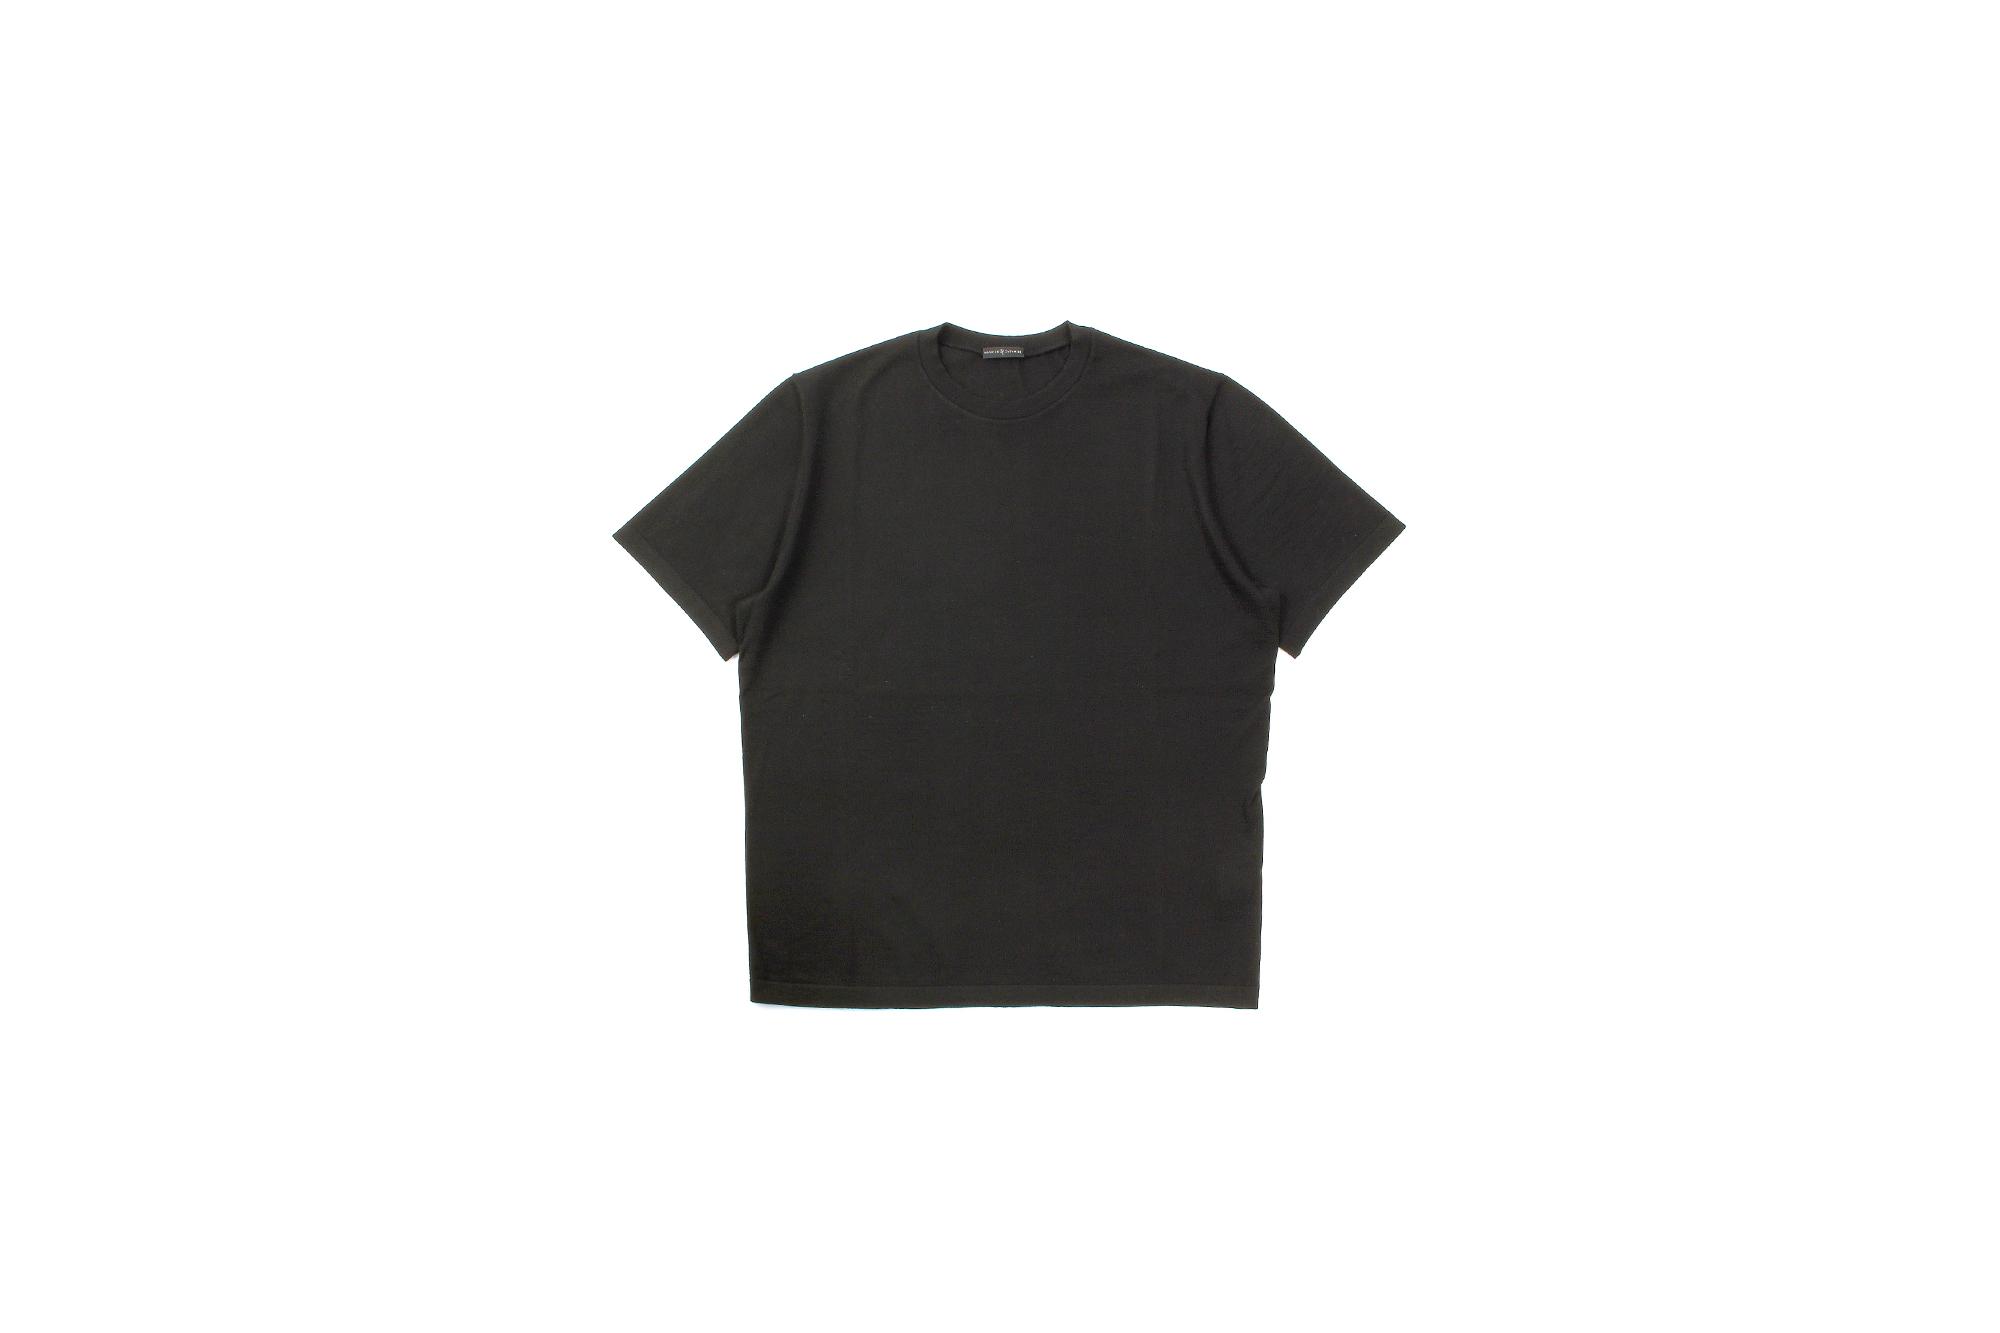 MANRICO CASHMERE (マンリコ カシミア) Ultra light Cashmere Crew Neck T-Shirts (ウルトラライトカシミア クルーネック Tシャツ) ハイゲージ アラシャンカシミヤ サマーニット Tシャツ made in italy (イタリア製) 2021 春夏 【ご予約受付中】【全16色】愛知 名古屋 Alto e Diritto アルトエデリット